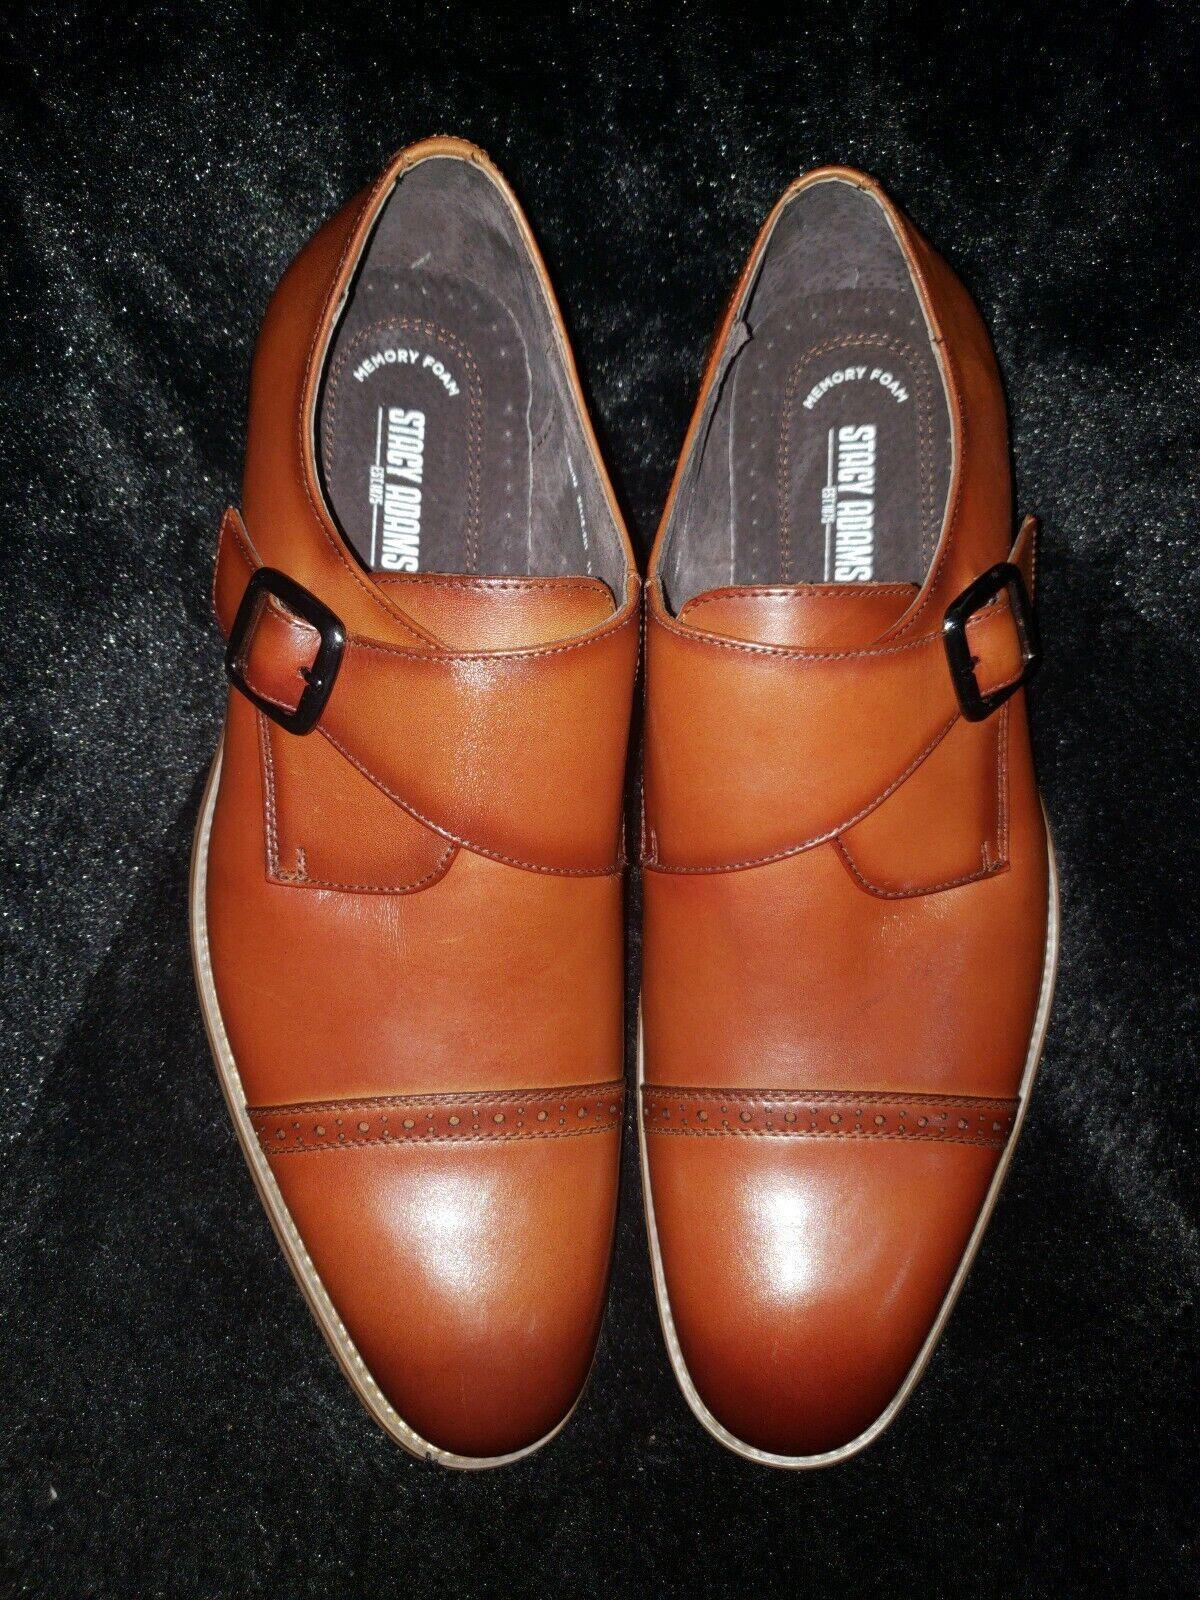 Stacy Adams Desmond Mens shoes Cap Toe Monk Strap Cognac Leather 25162-221 11.5